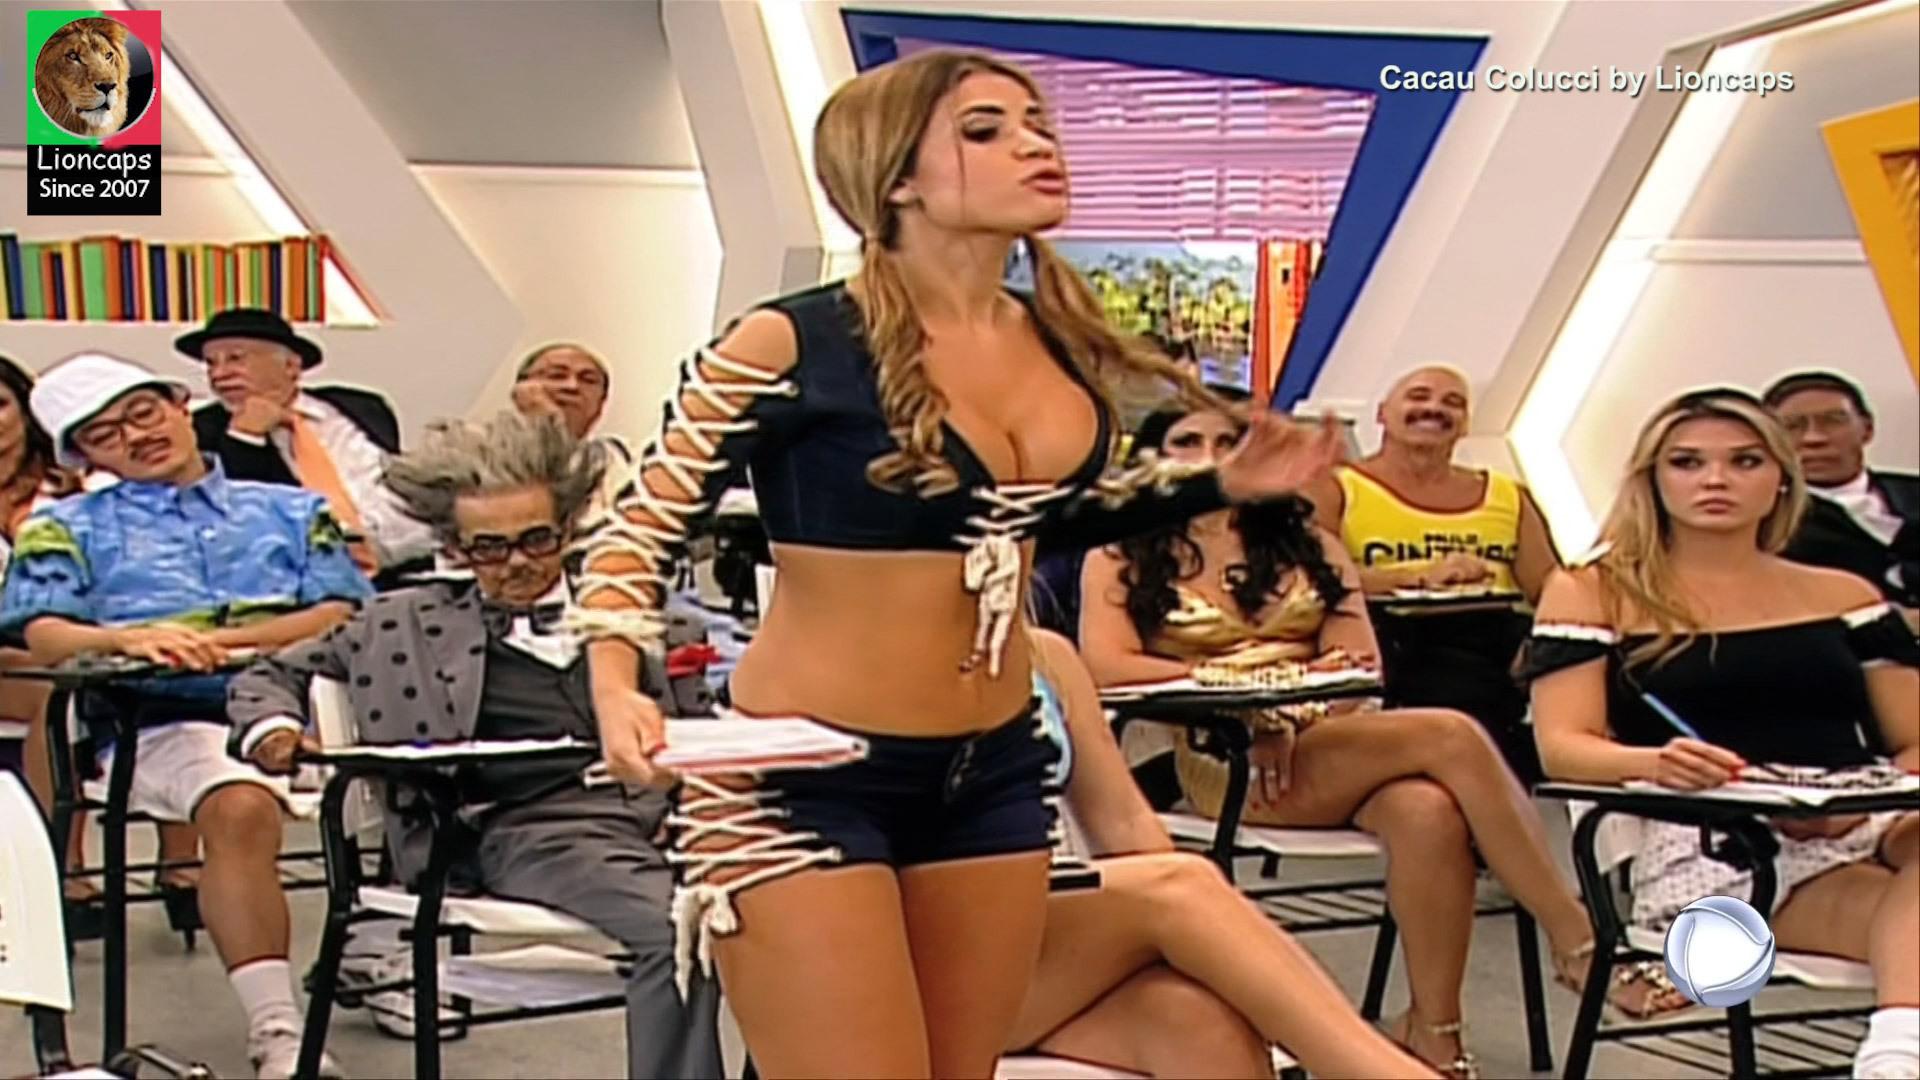 cacau_colucci_escolinha_lioncaps_08_08_2021 (15).jpg